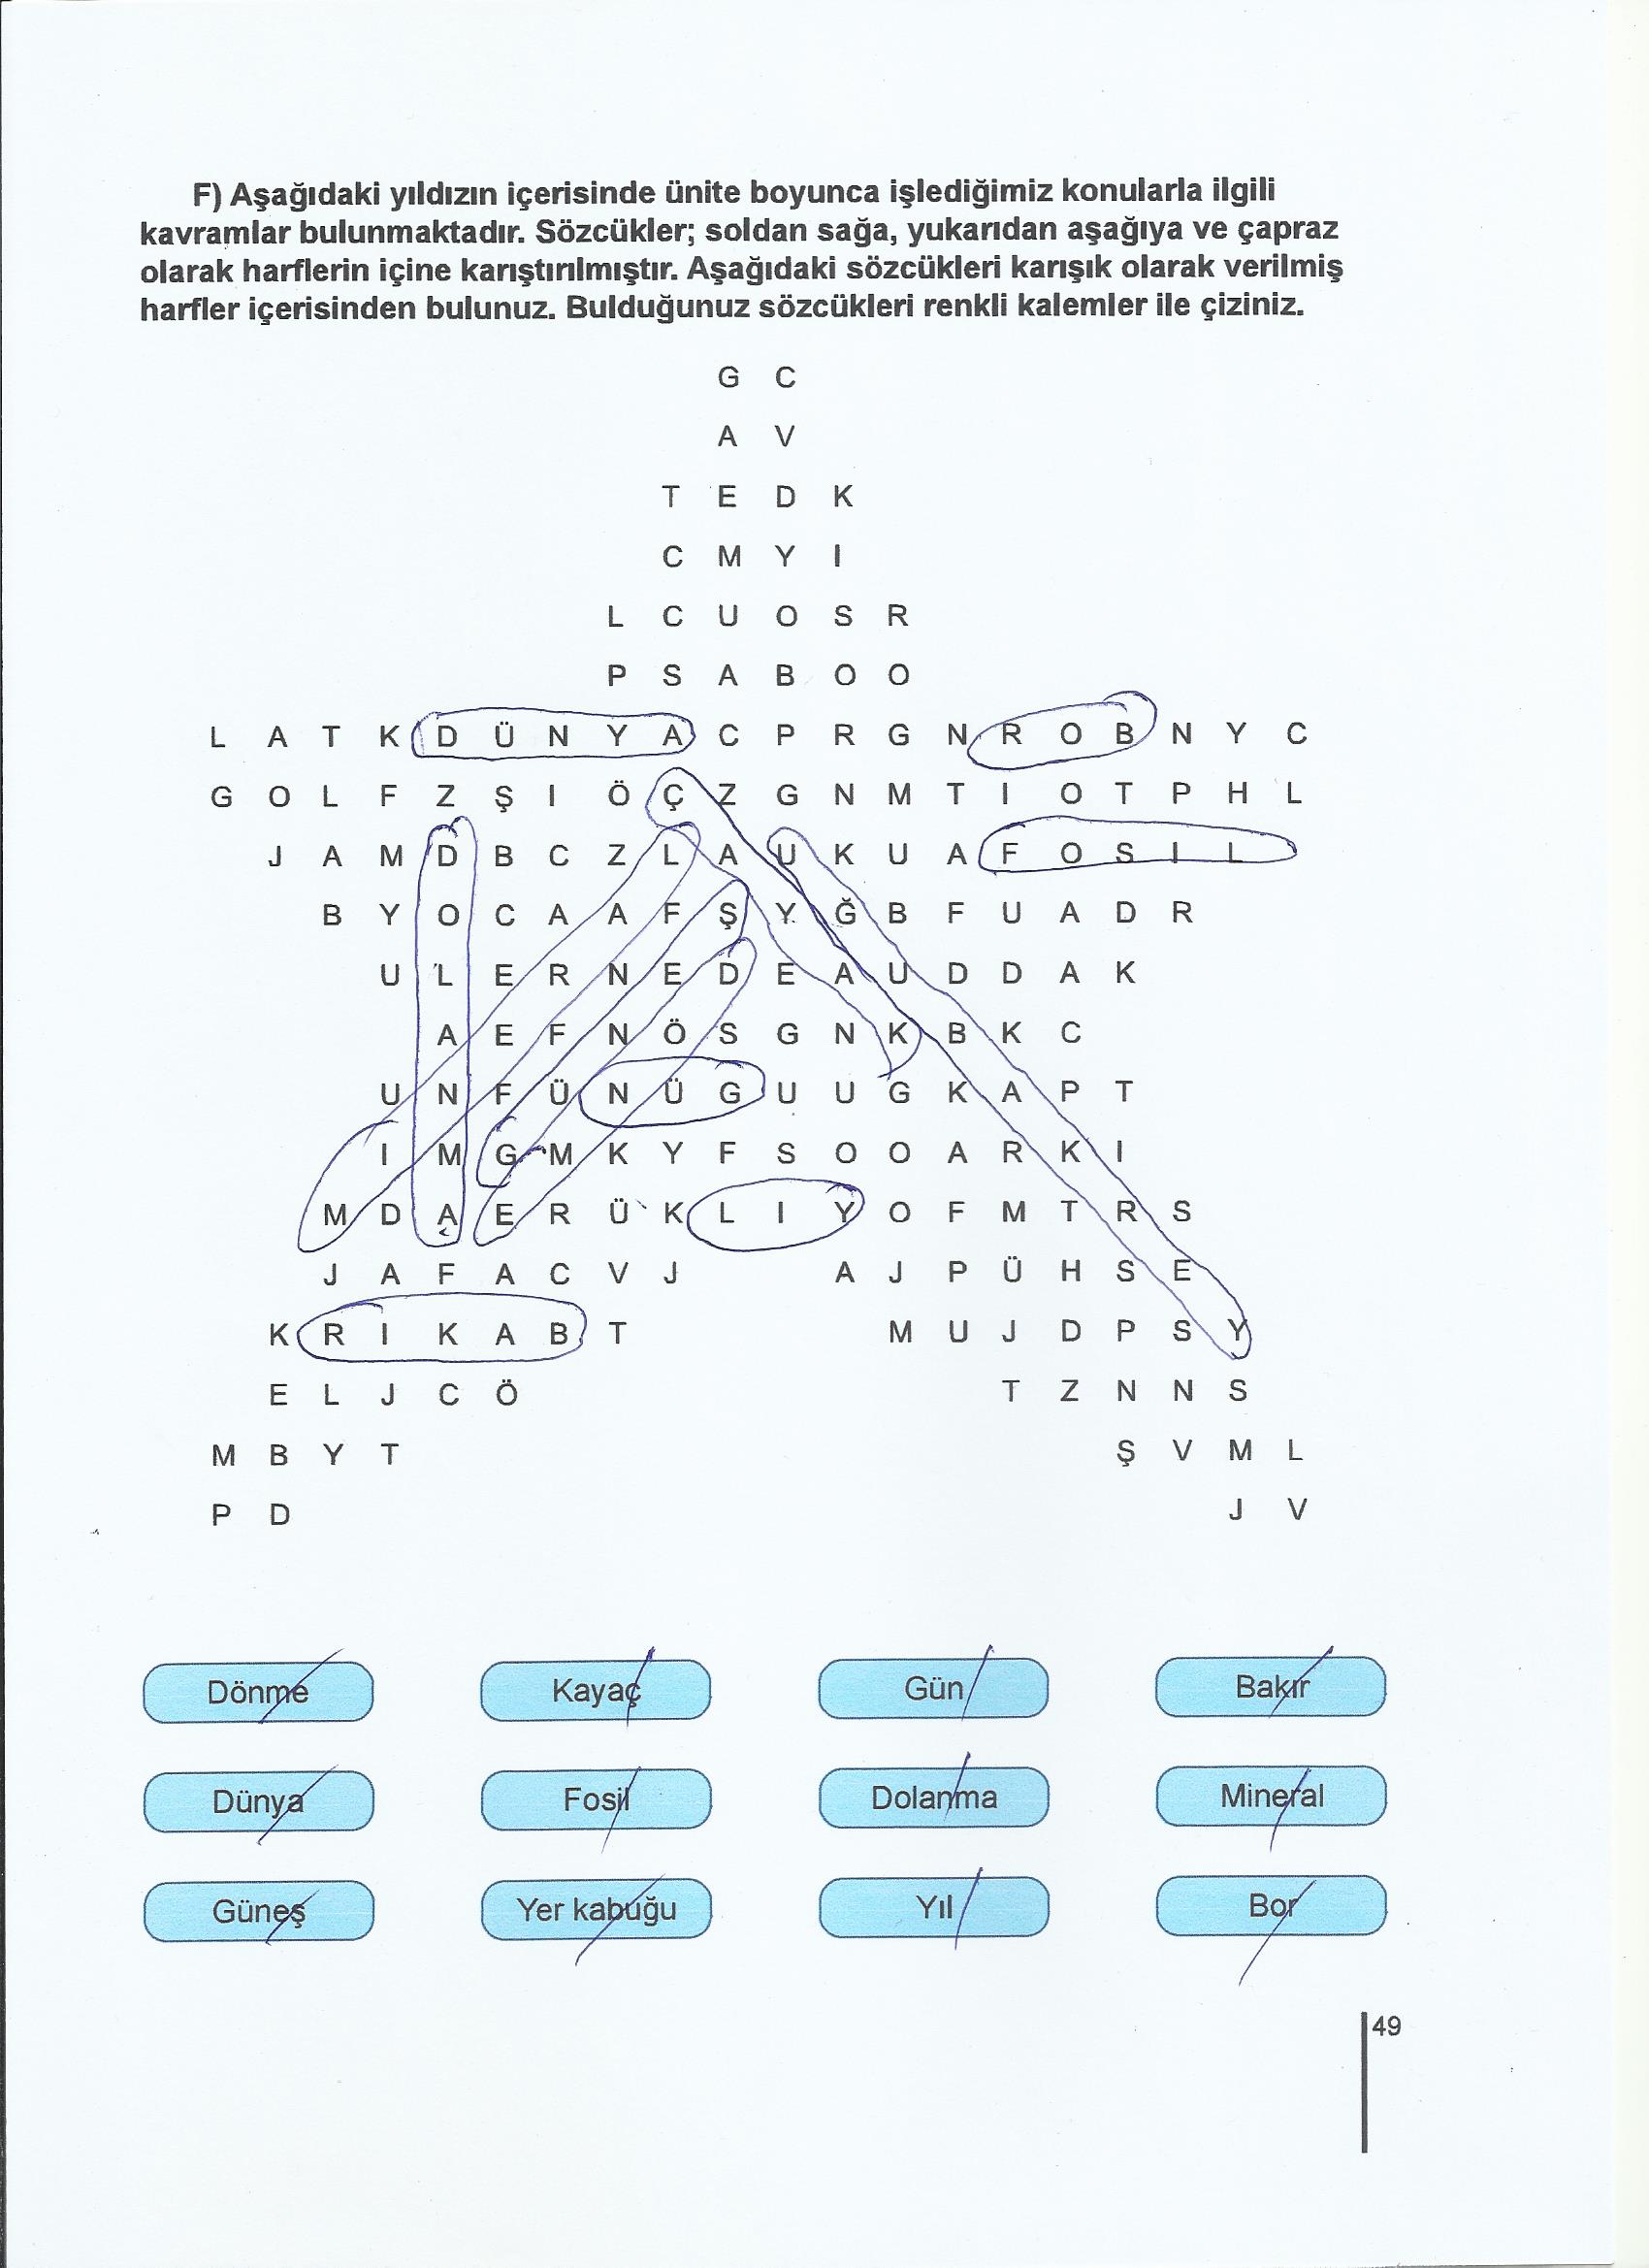 49.sayfa